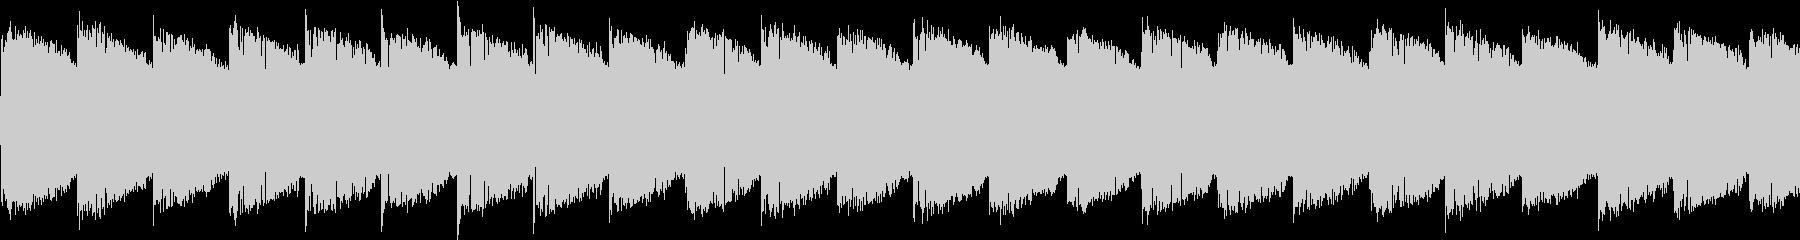 シンセ サイレン アナログ ピコピコ05の未再生の波形